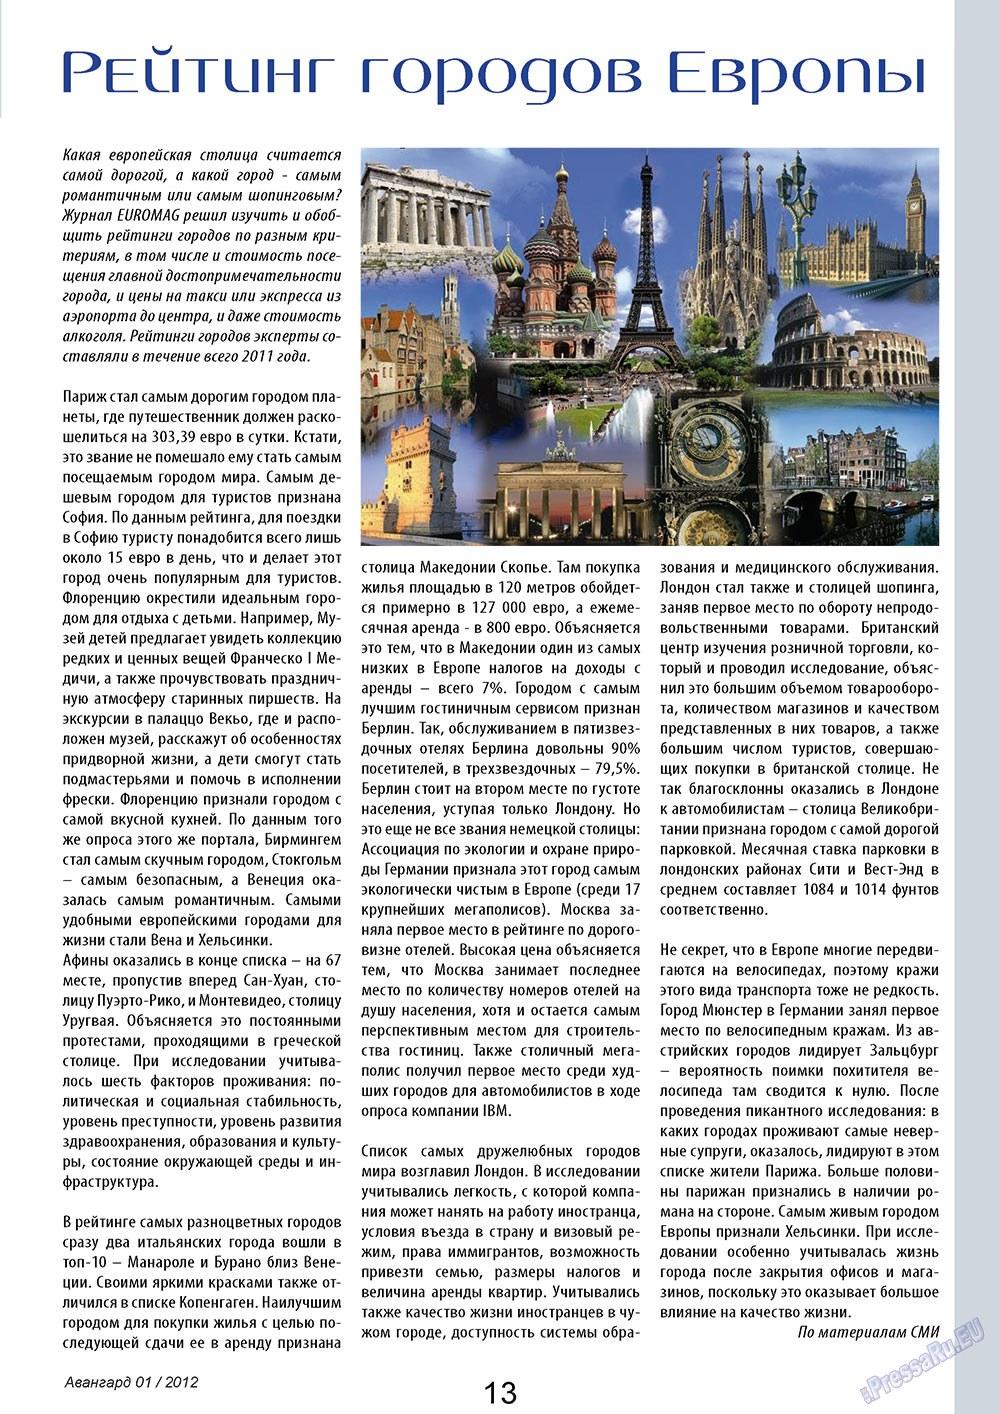 Авангард (журнал). 2012 год, номер 1, стр. 13